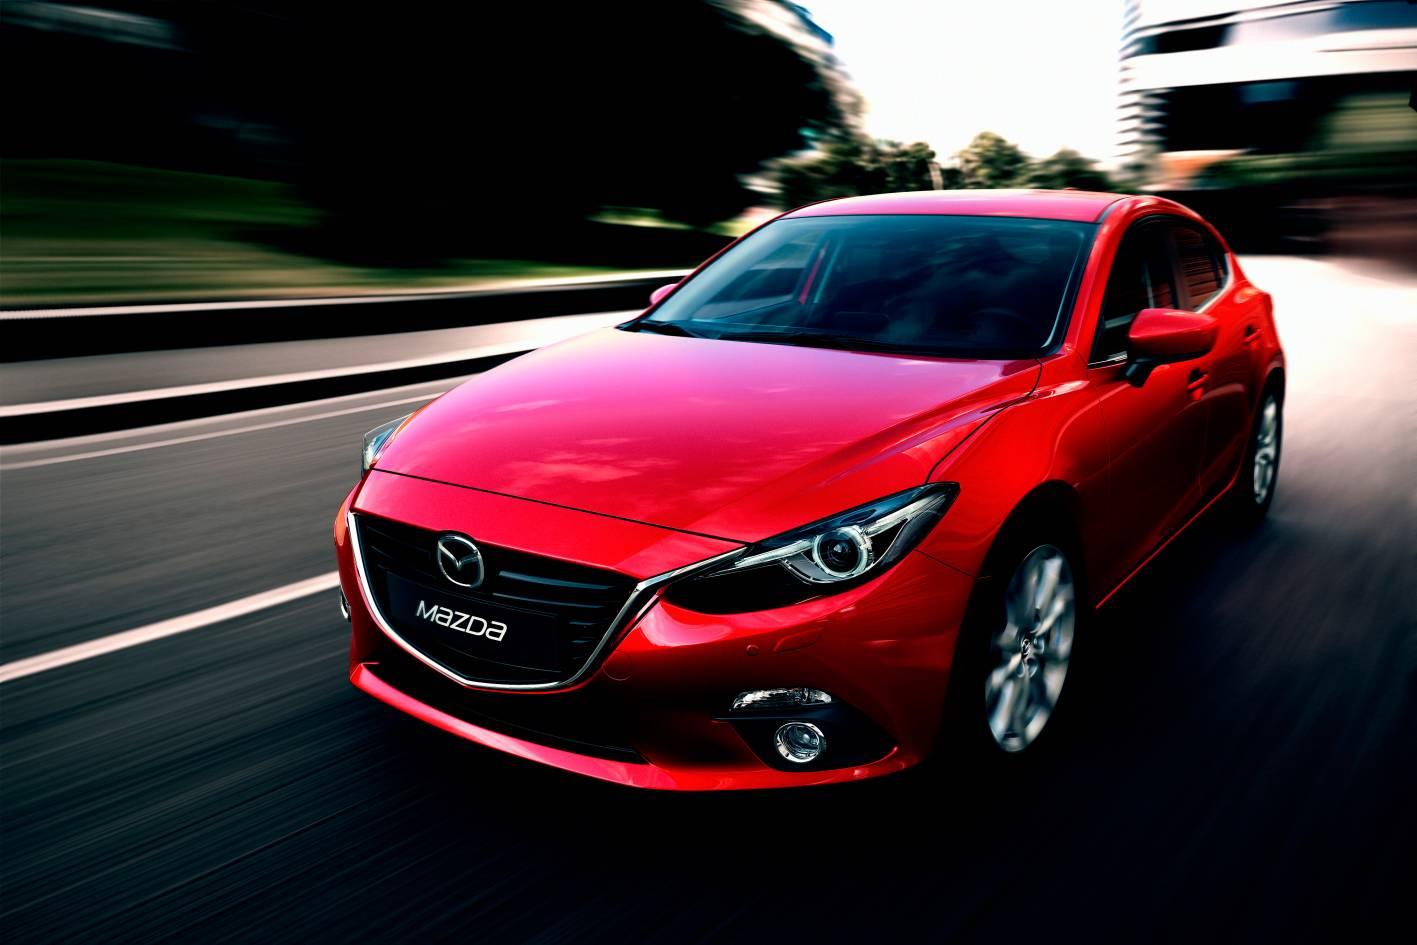 Mazda Cars  News 2014 Mazda3 Breaks Cover